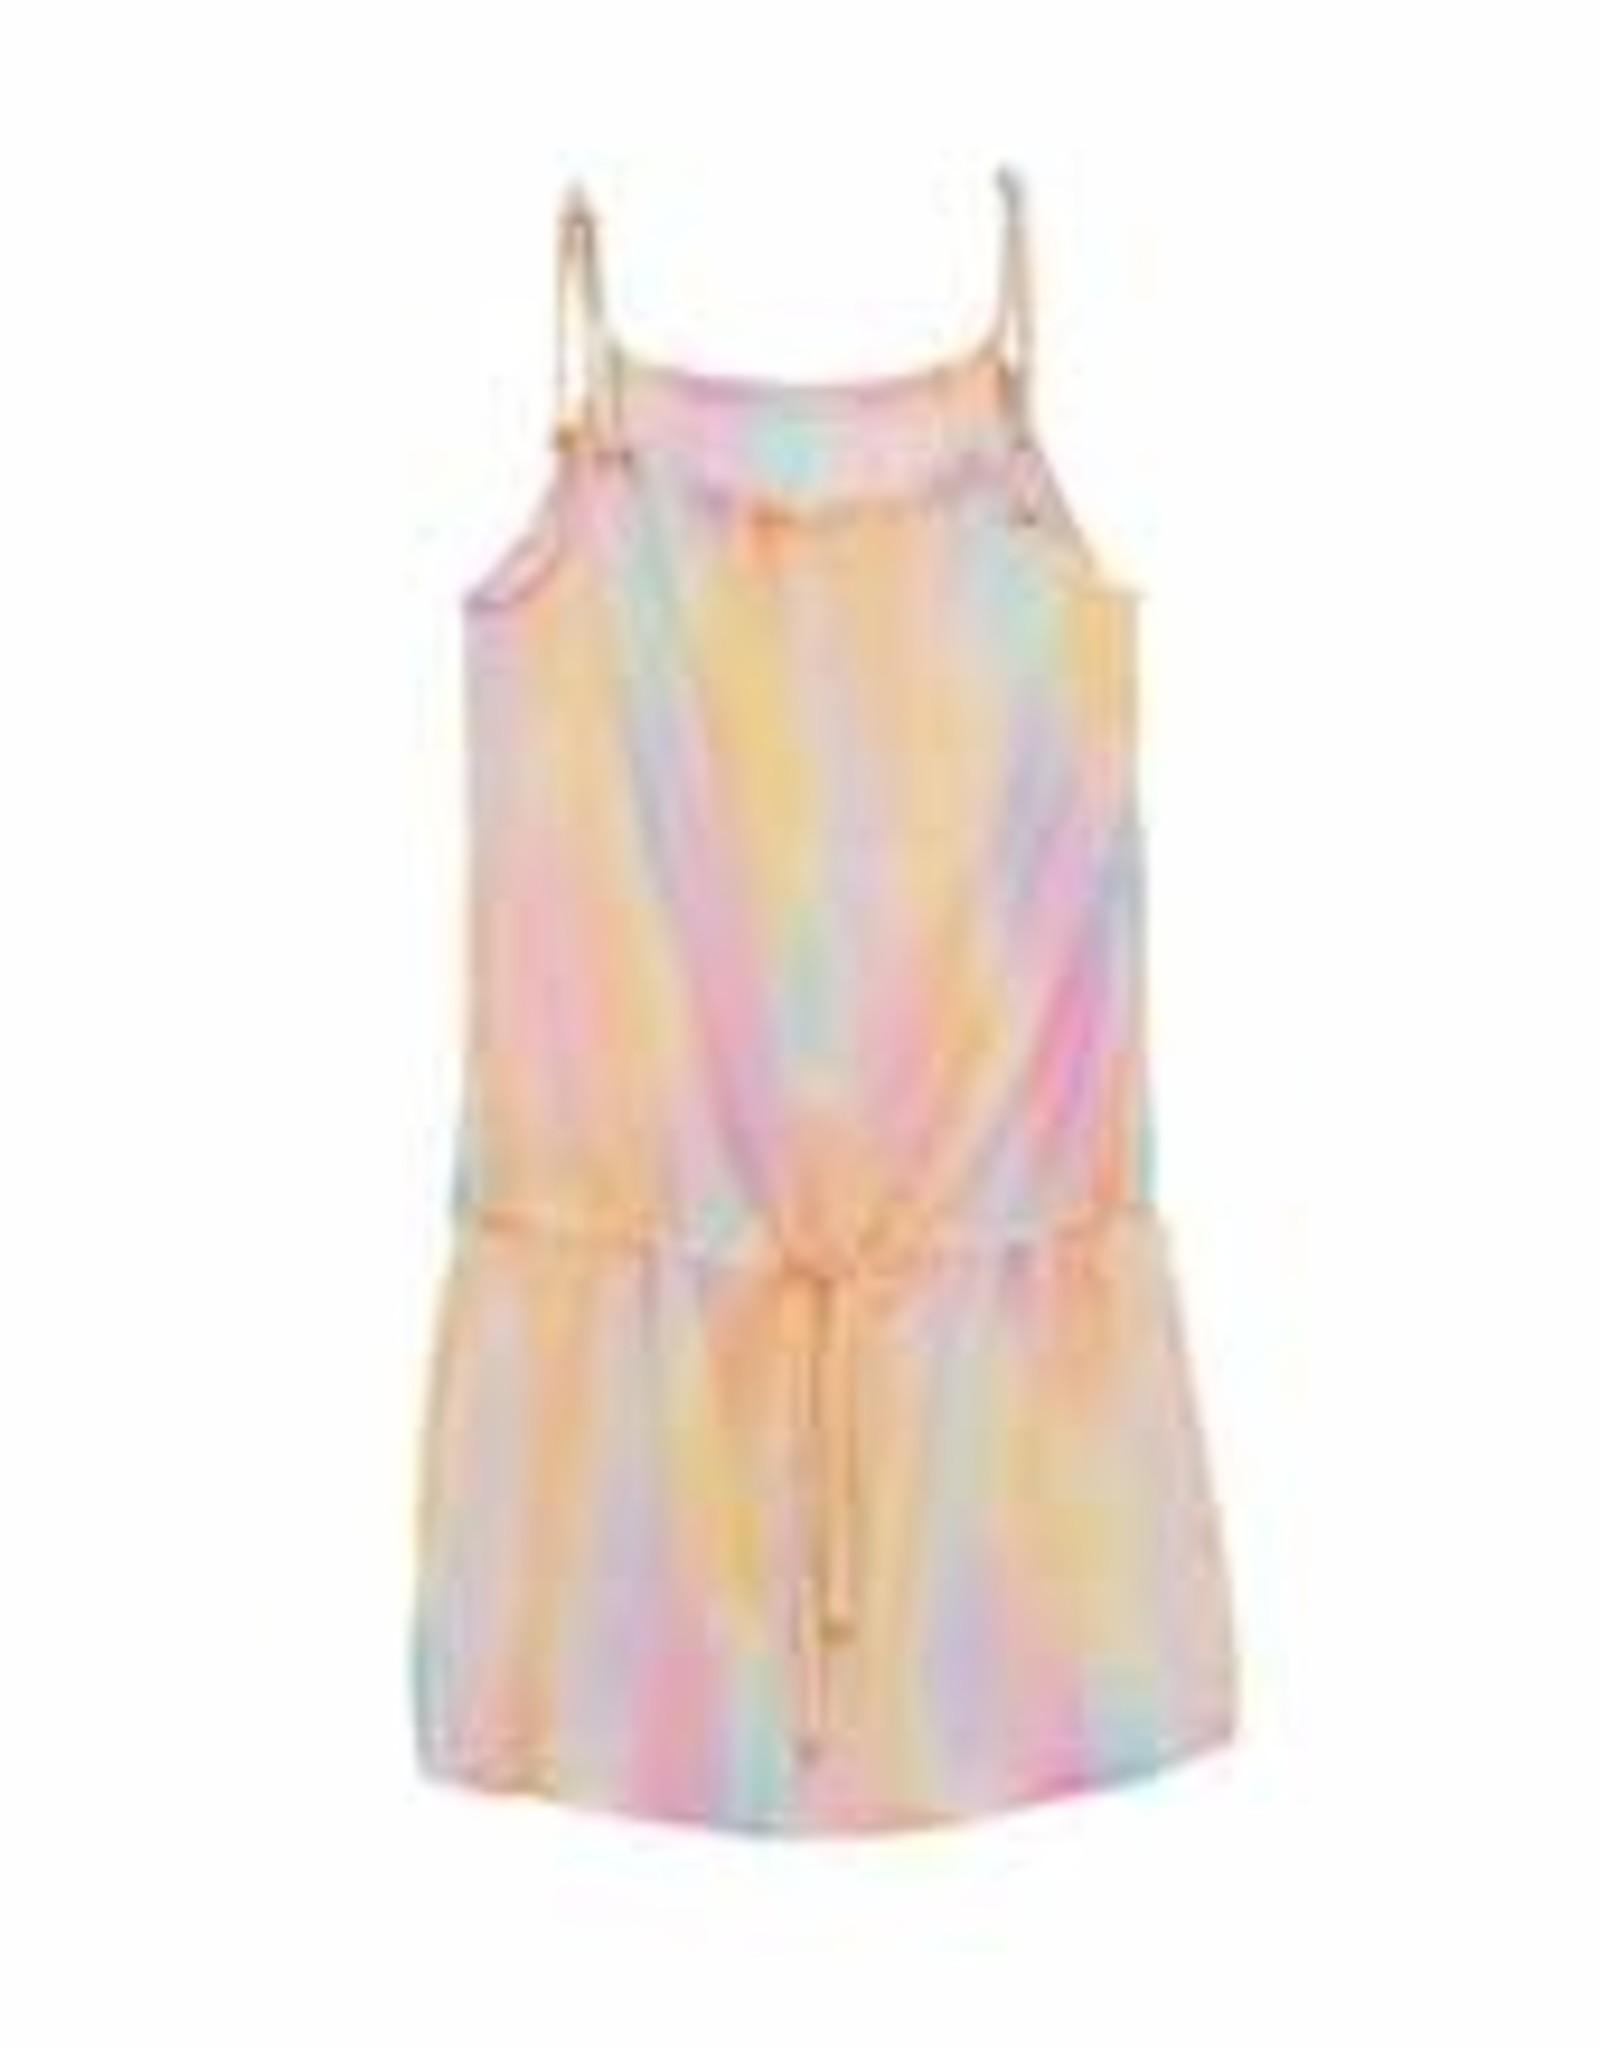 PILYQ PILYQ Little Aurora Dress